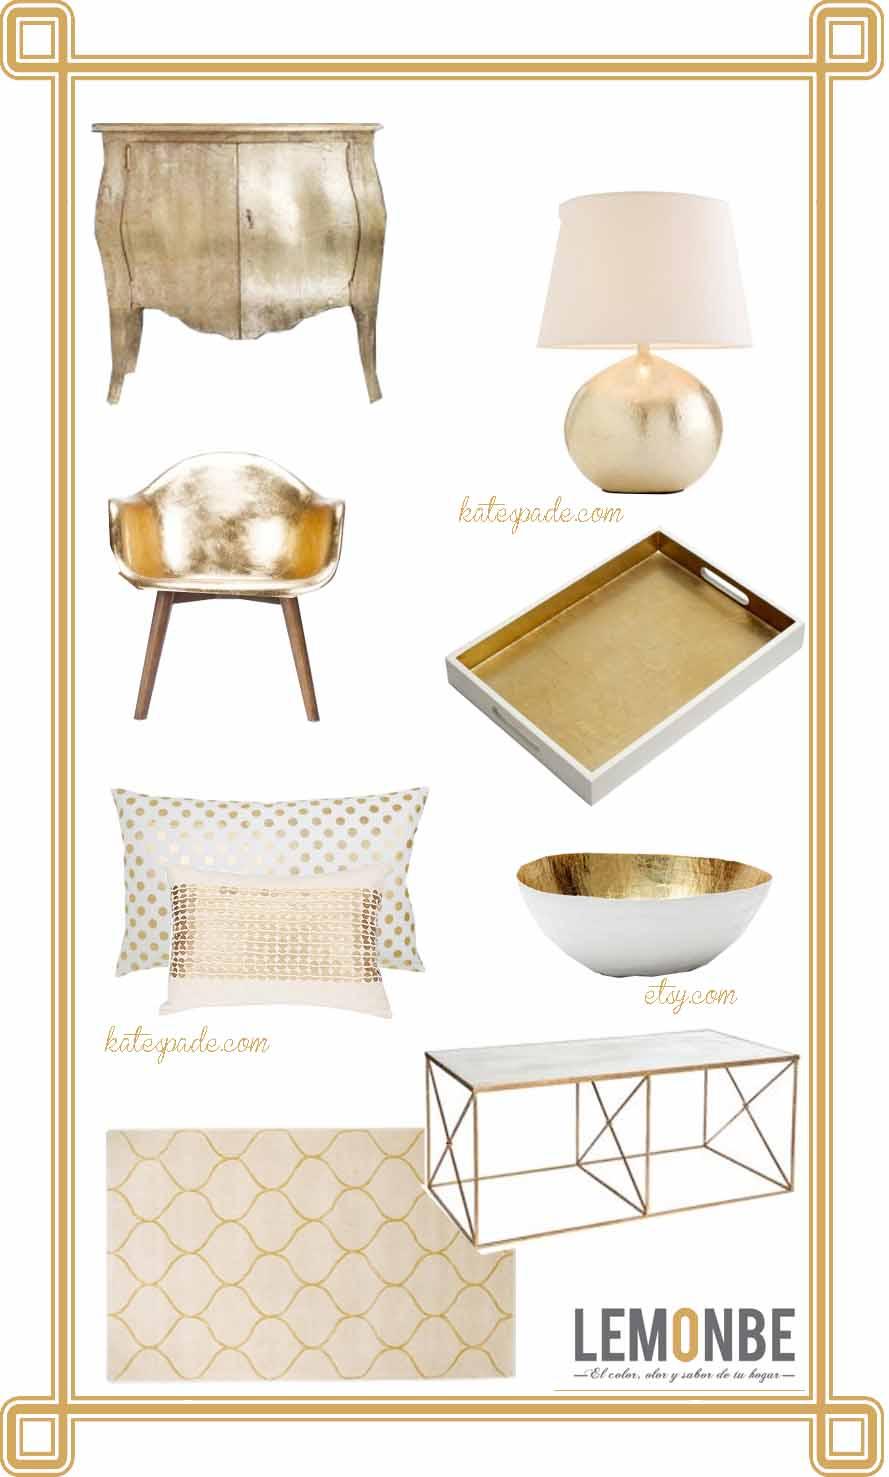 Estilo cl sico y moderno usando dorado lemonbe el for Estilo clasico moderno